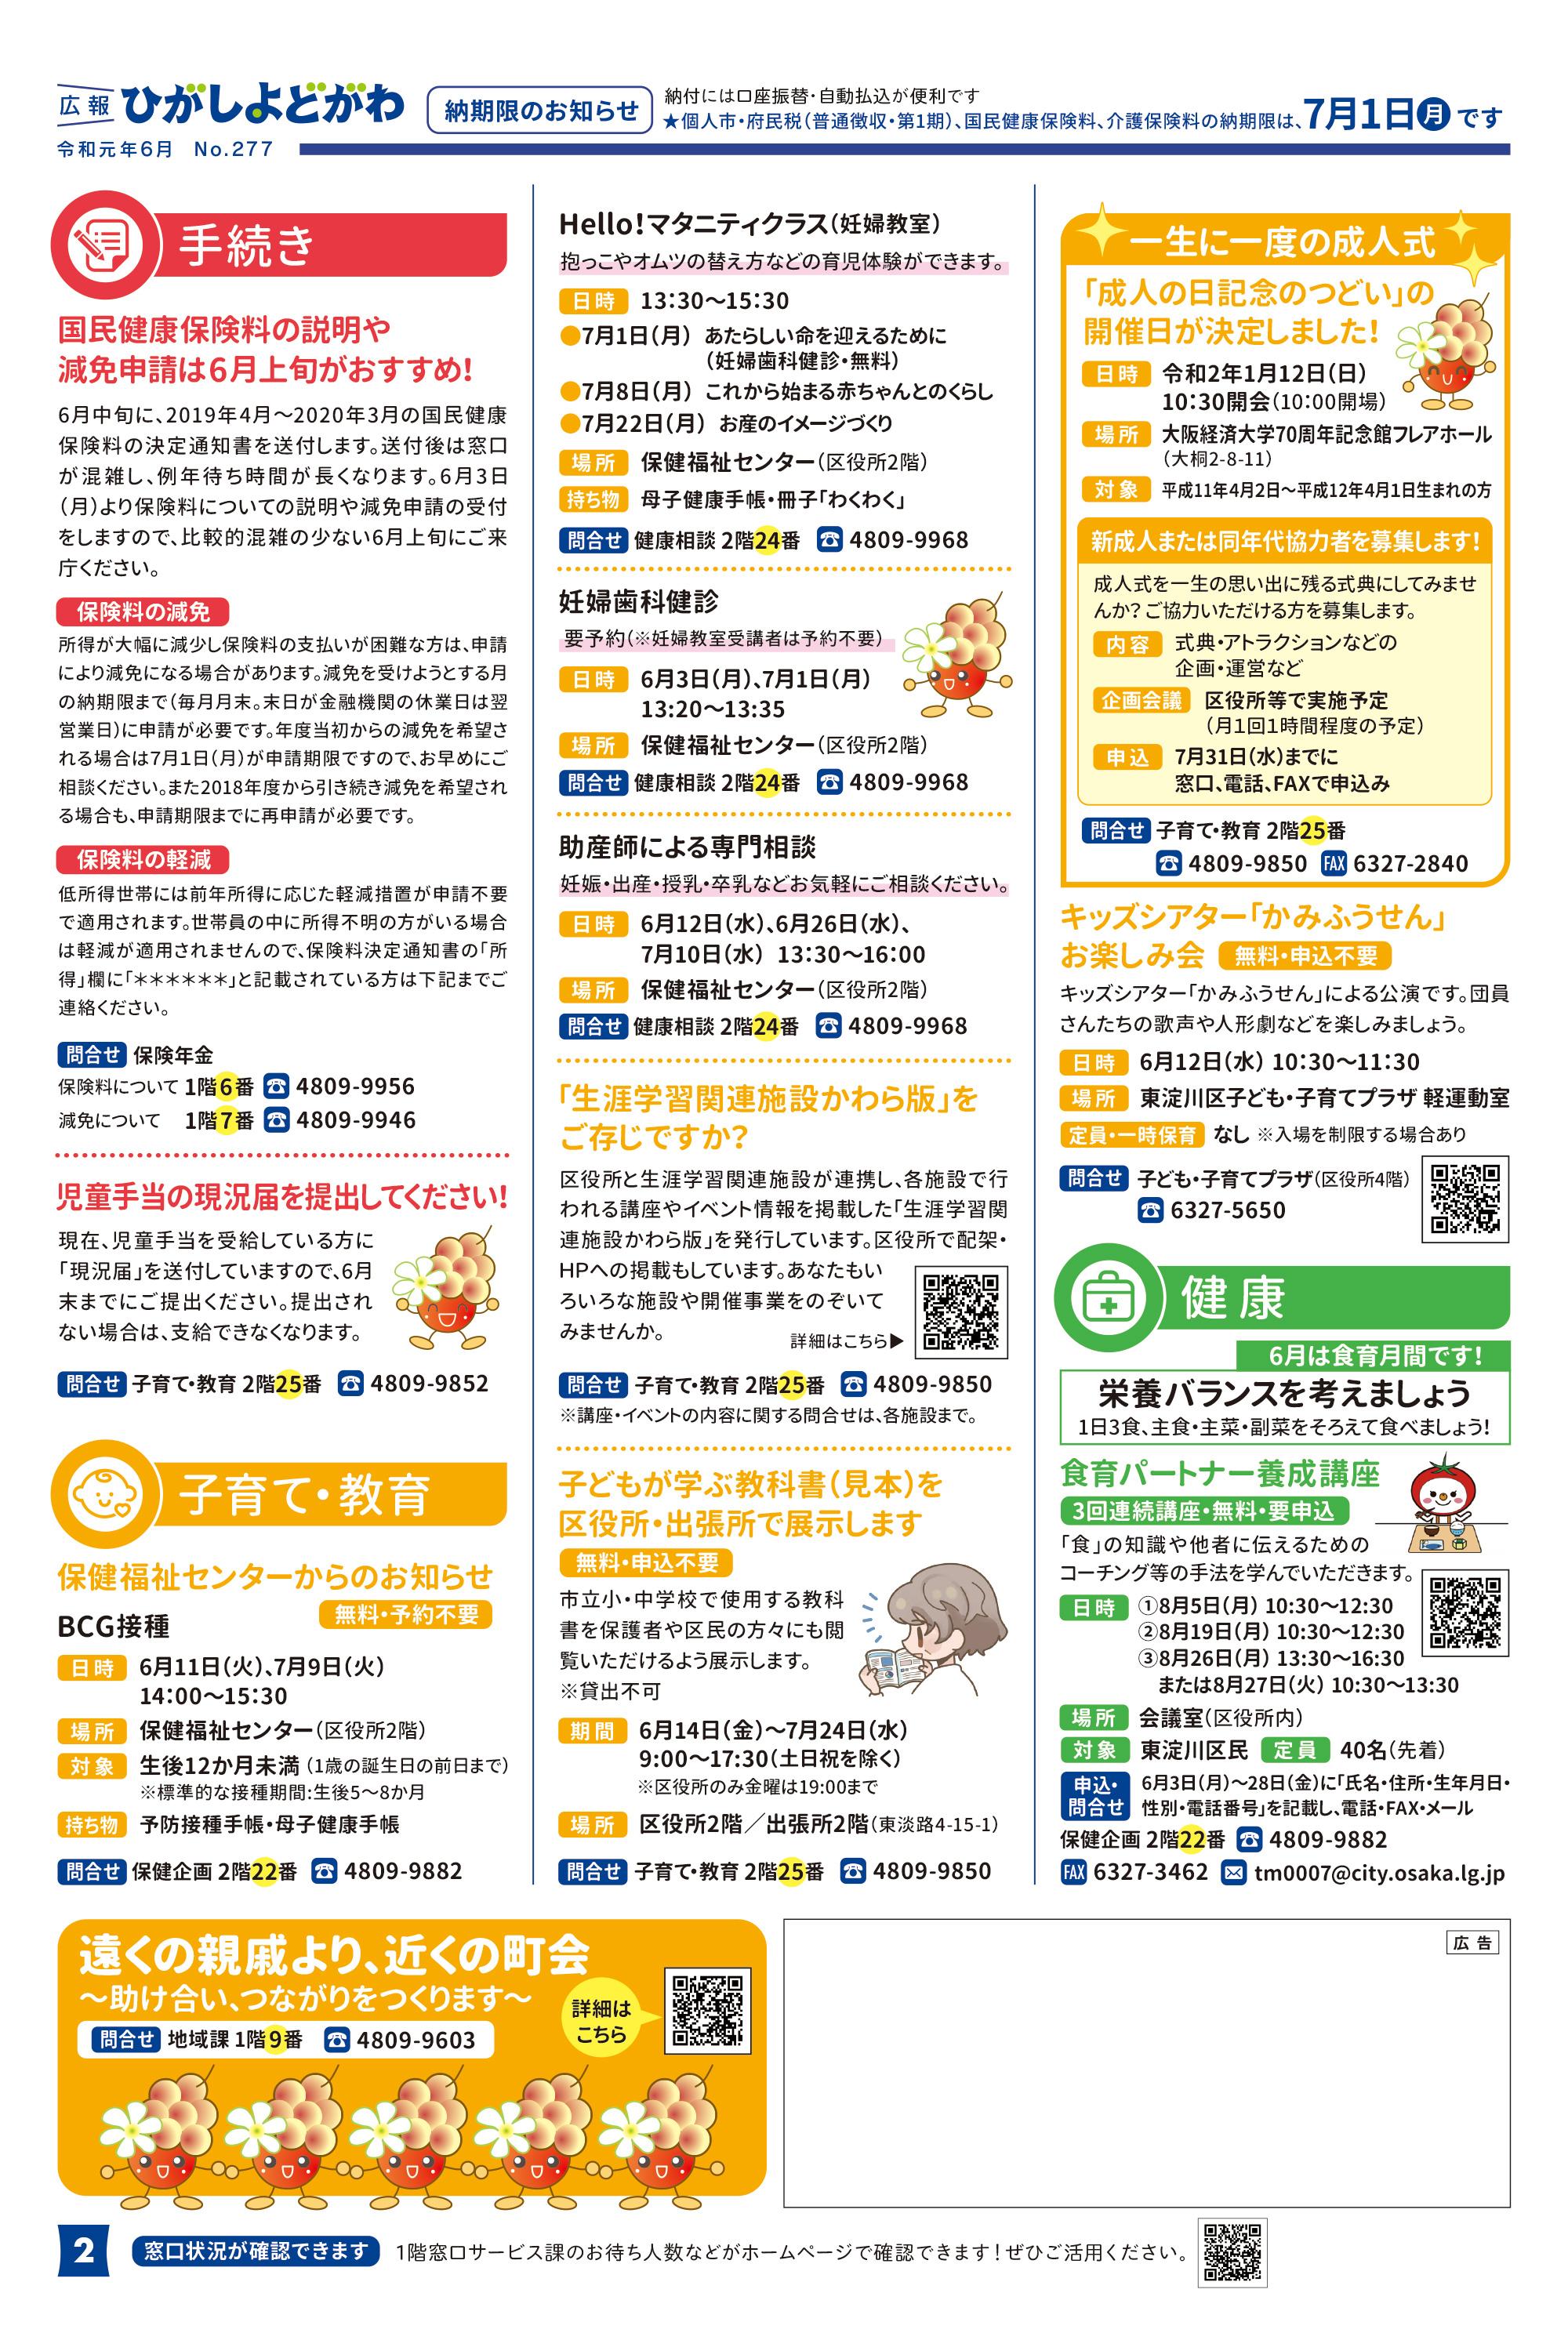 広報ひがしよどがわ2019年6月号|こんにちは赤ちゃん訪問事業(大阪市東淀川区)